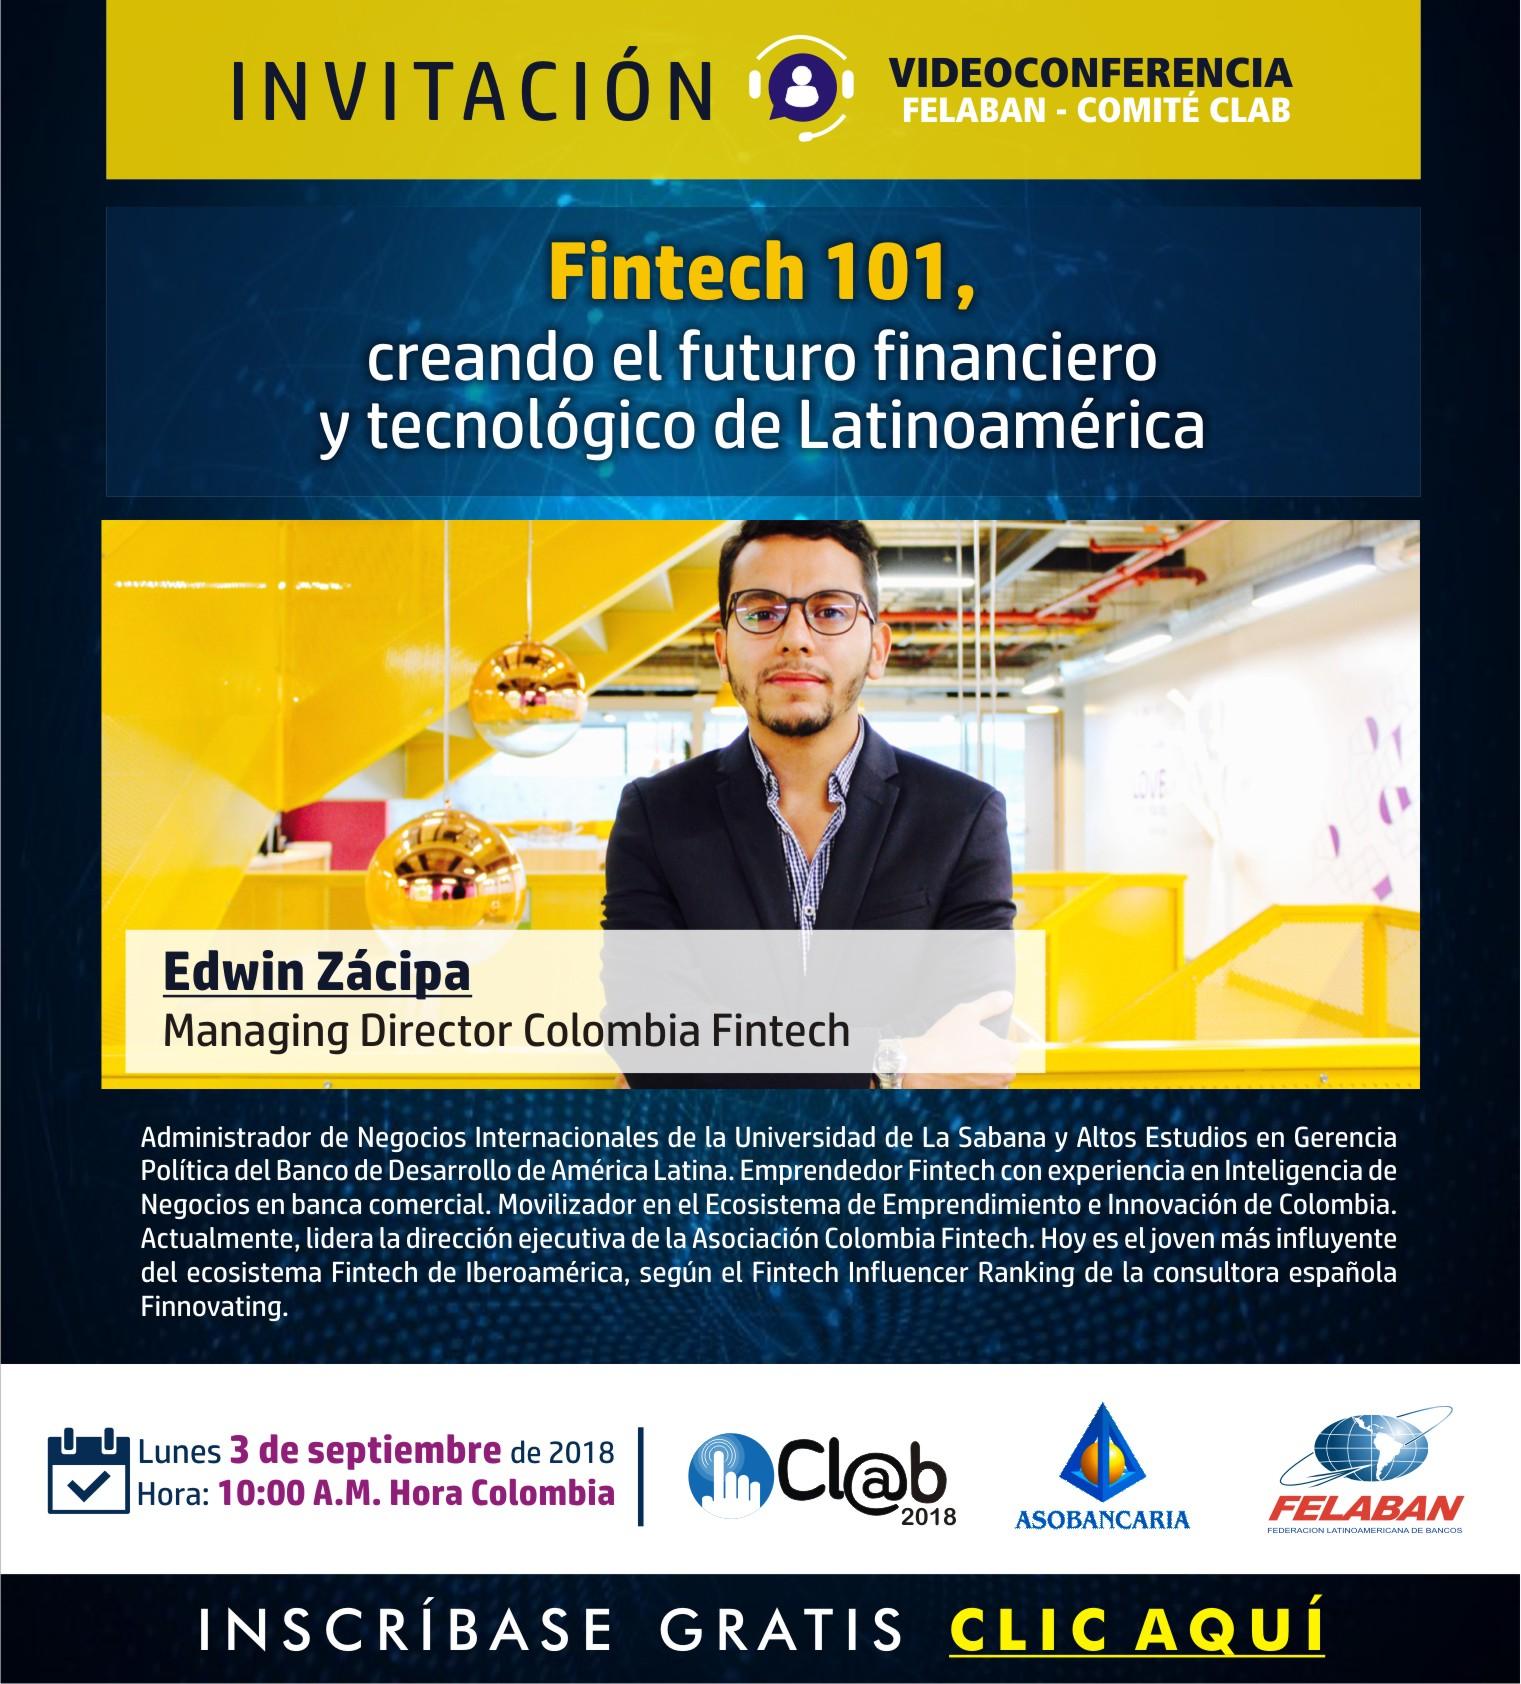 Fintech 101, creando el futuro financiero y tecnológico de Latinoamérica